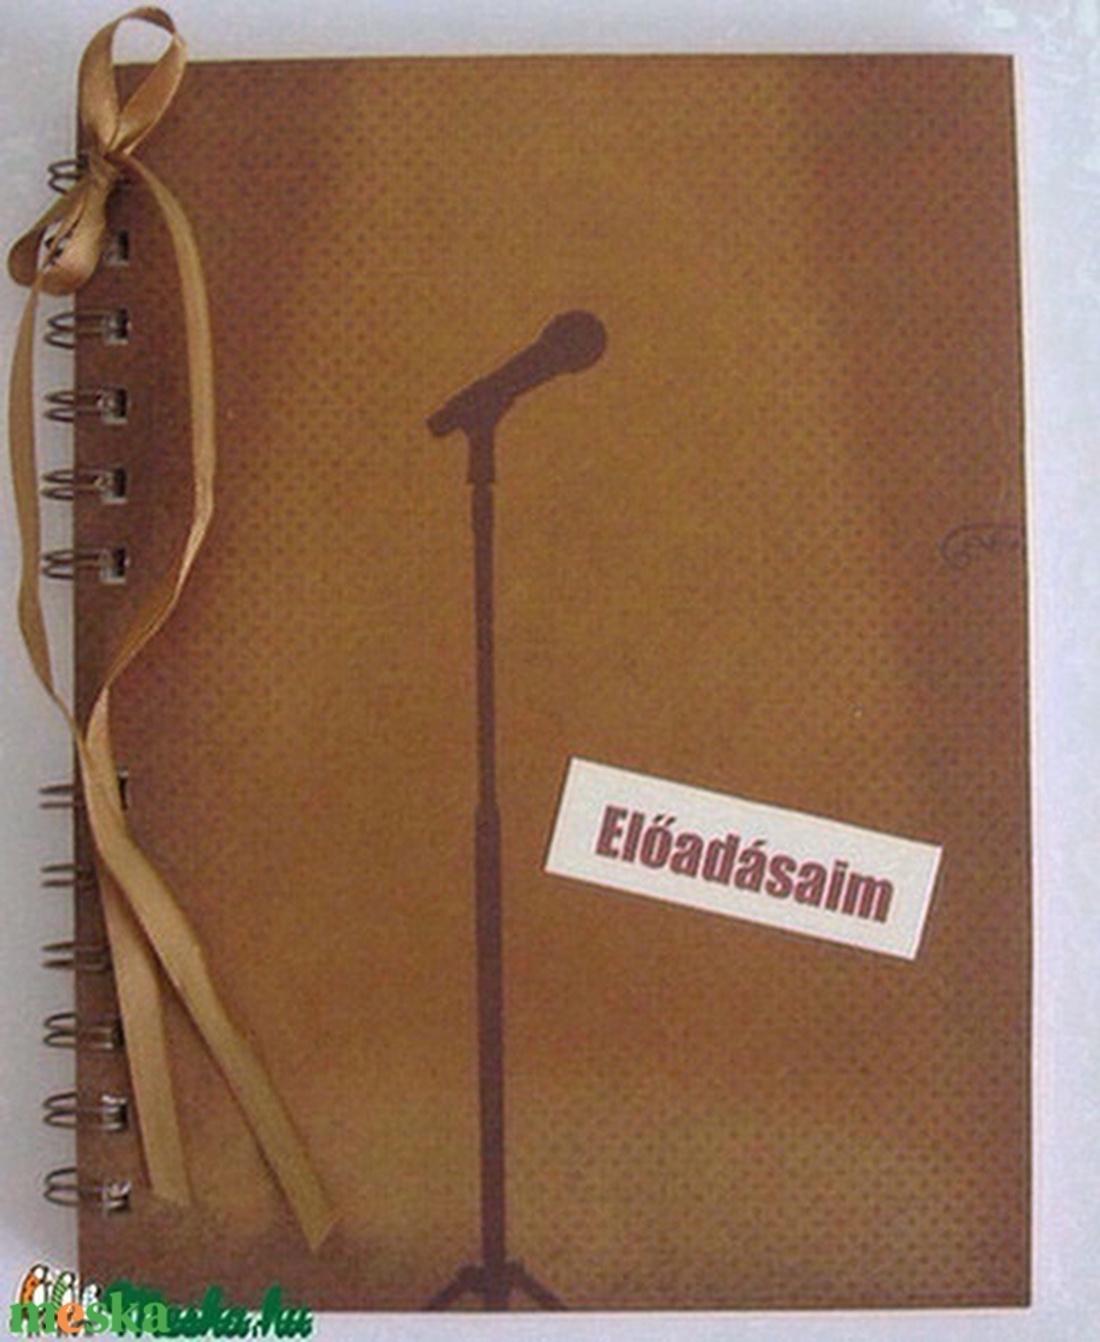 Előadásaim/emlékeim/terveim - album - fénykép - autogramgyűjtés  - otthon & lakás - papír írószer - album & fotóalbum - Meska.hu